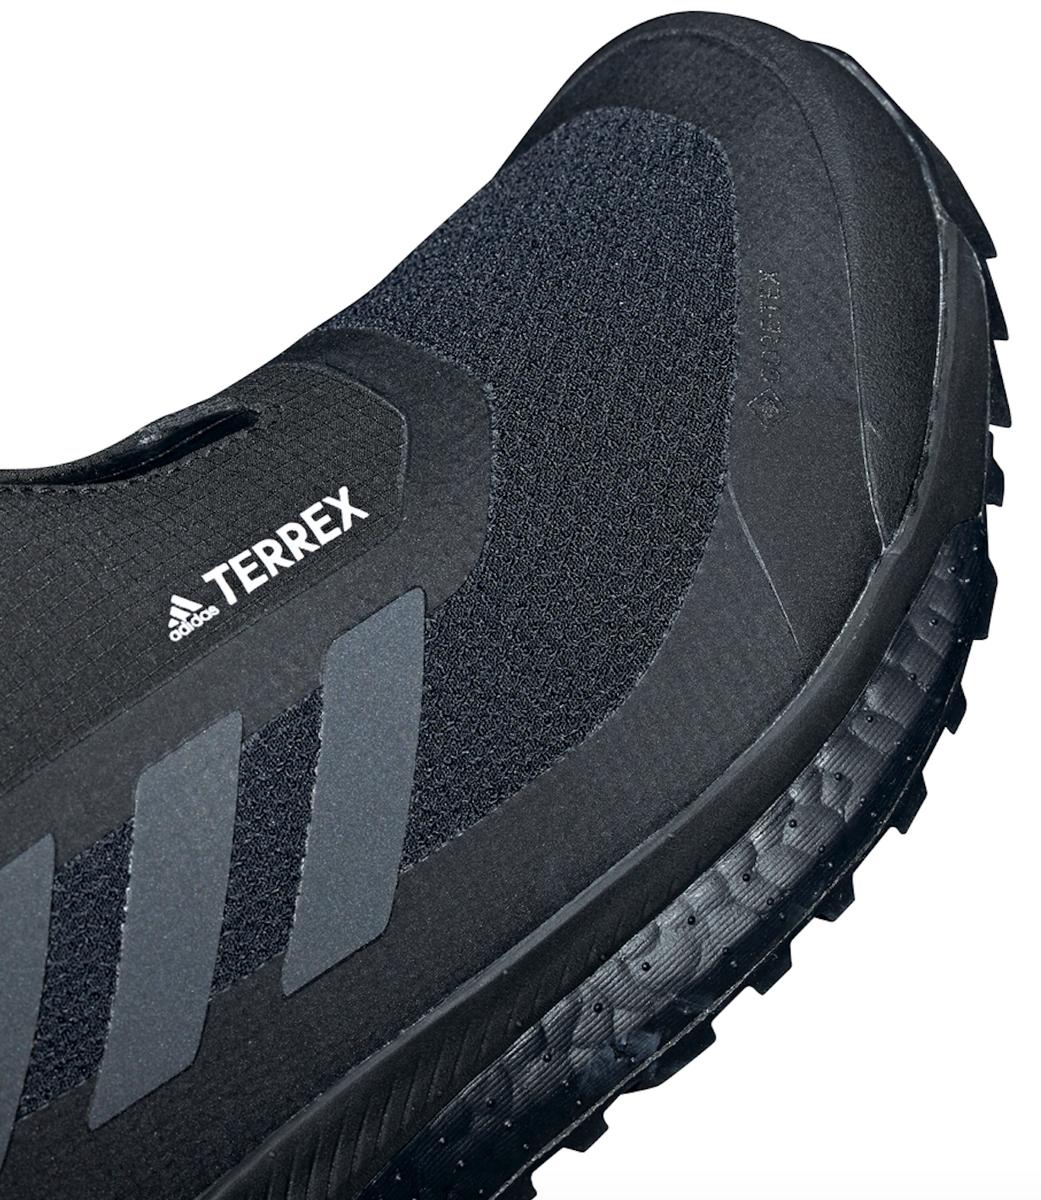 Bilde av Adidas  TERREX Free Hiker Cblack/Cblack/Metgray FU7224